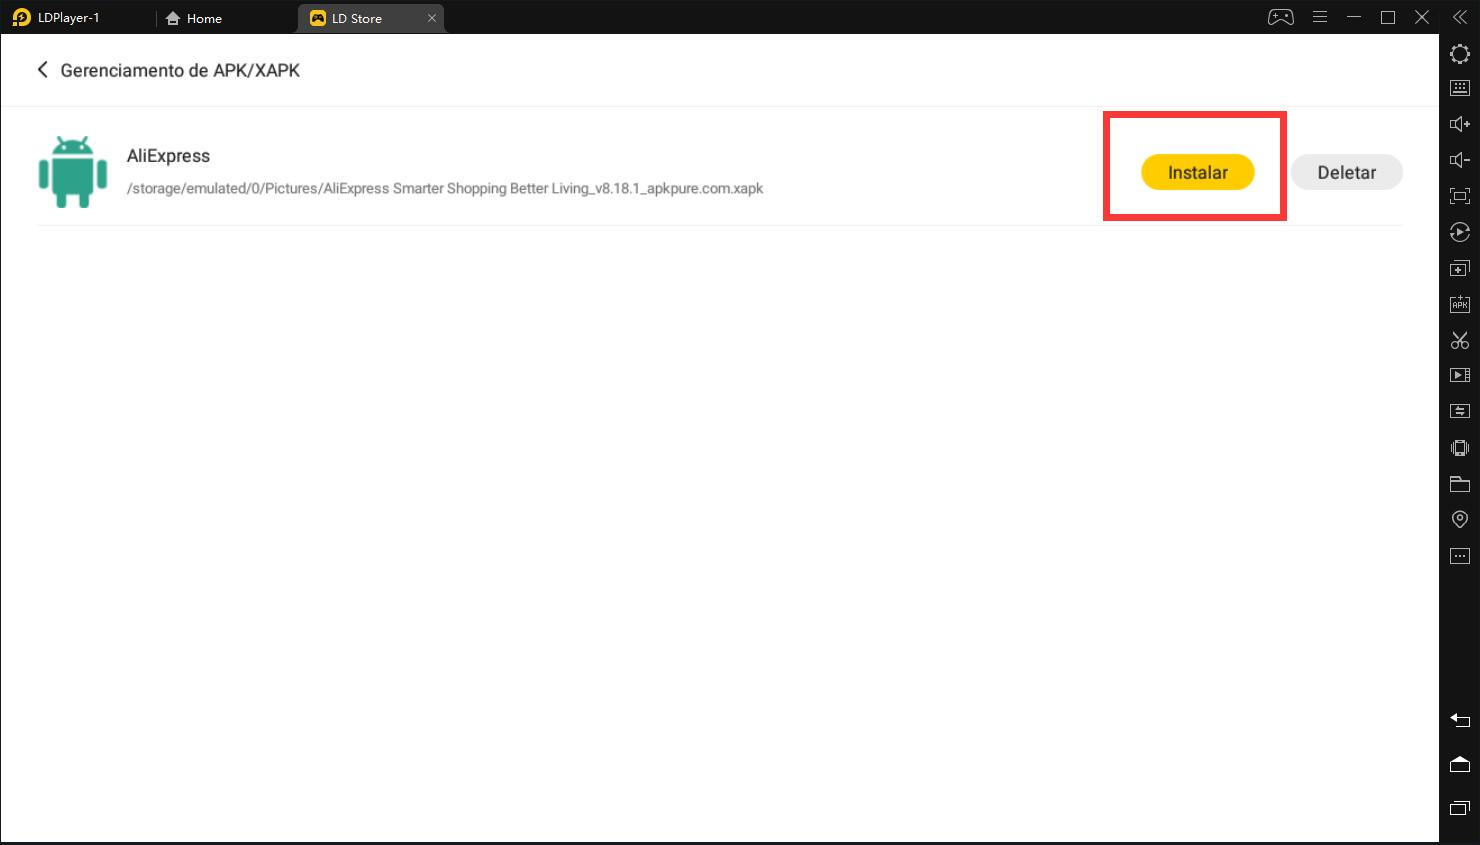 Como instalar o XAPK no LDPlayer